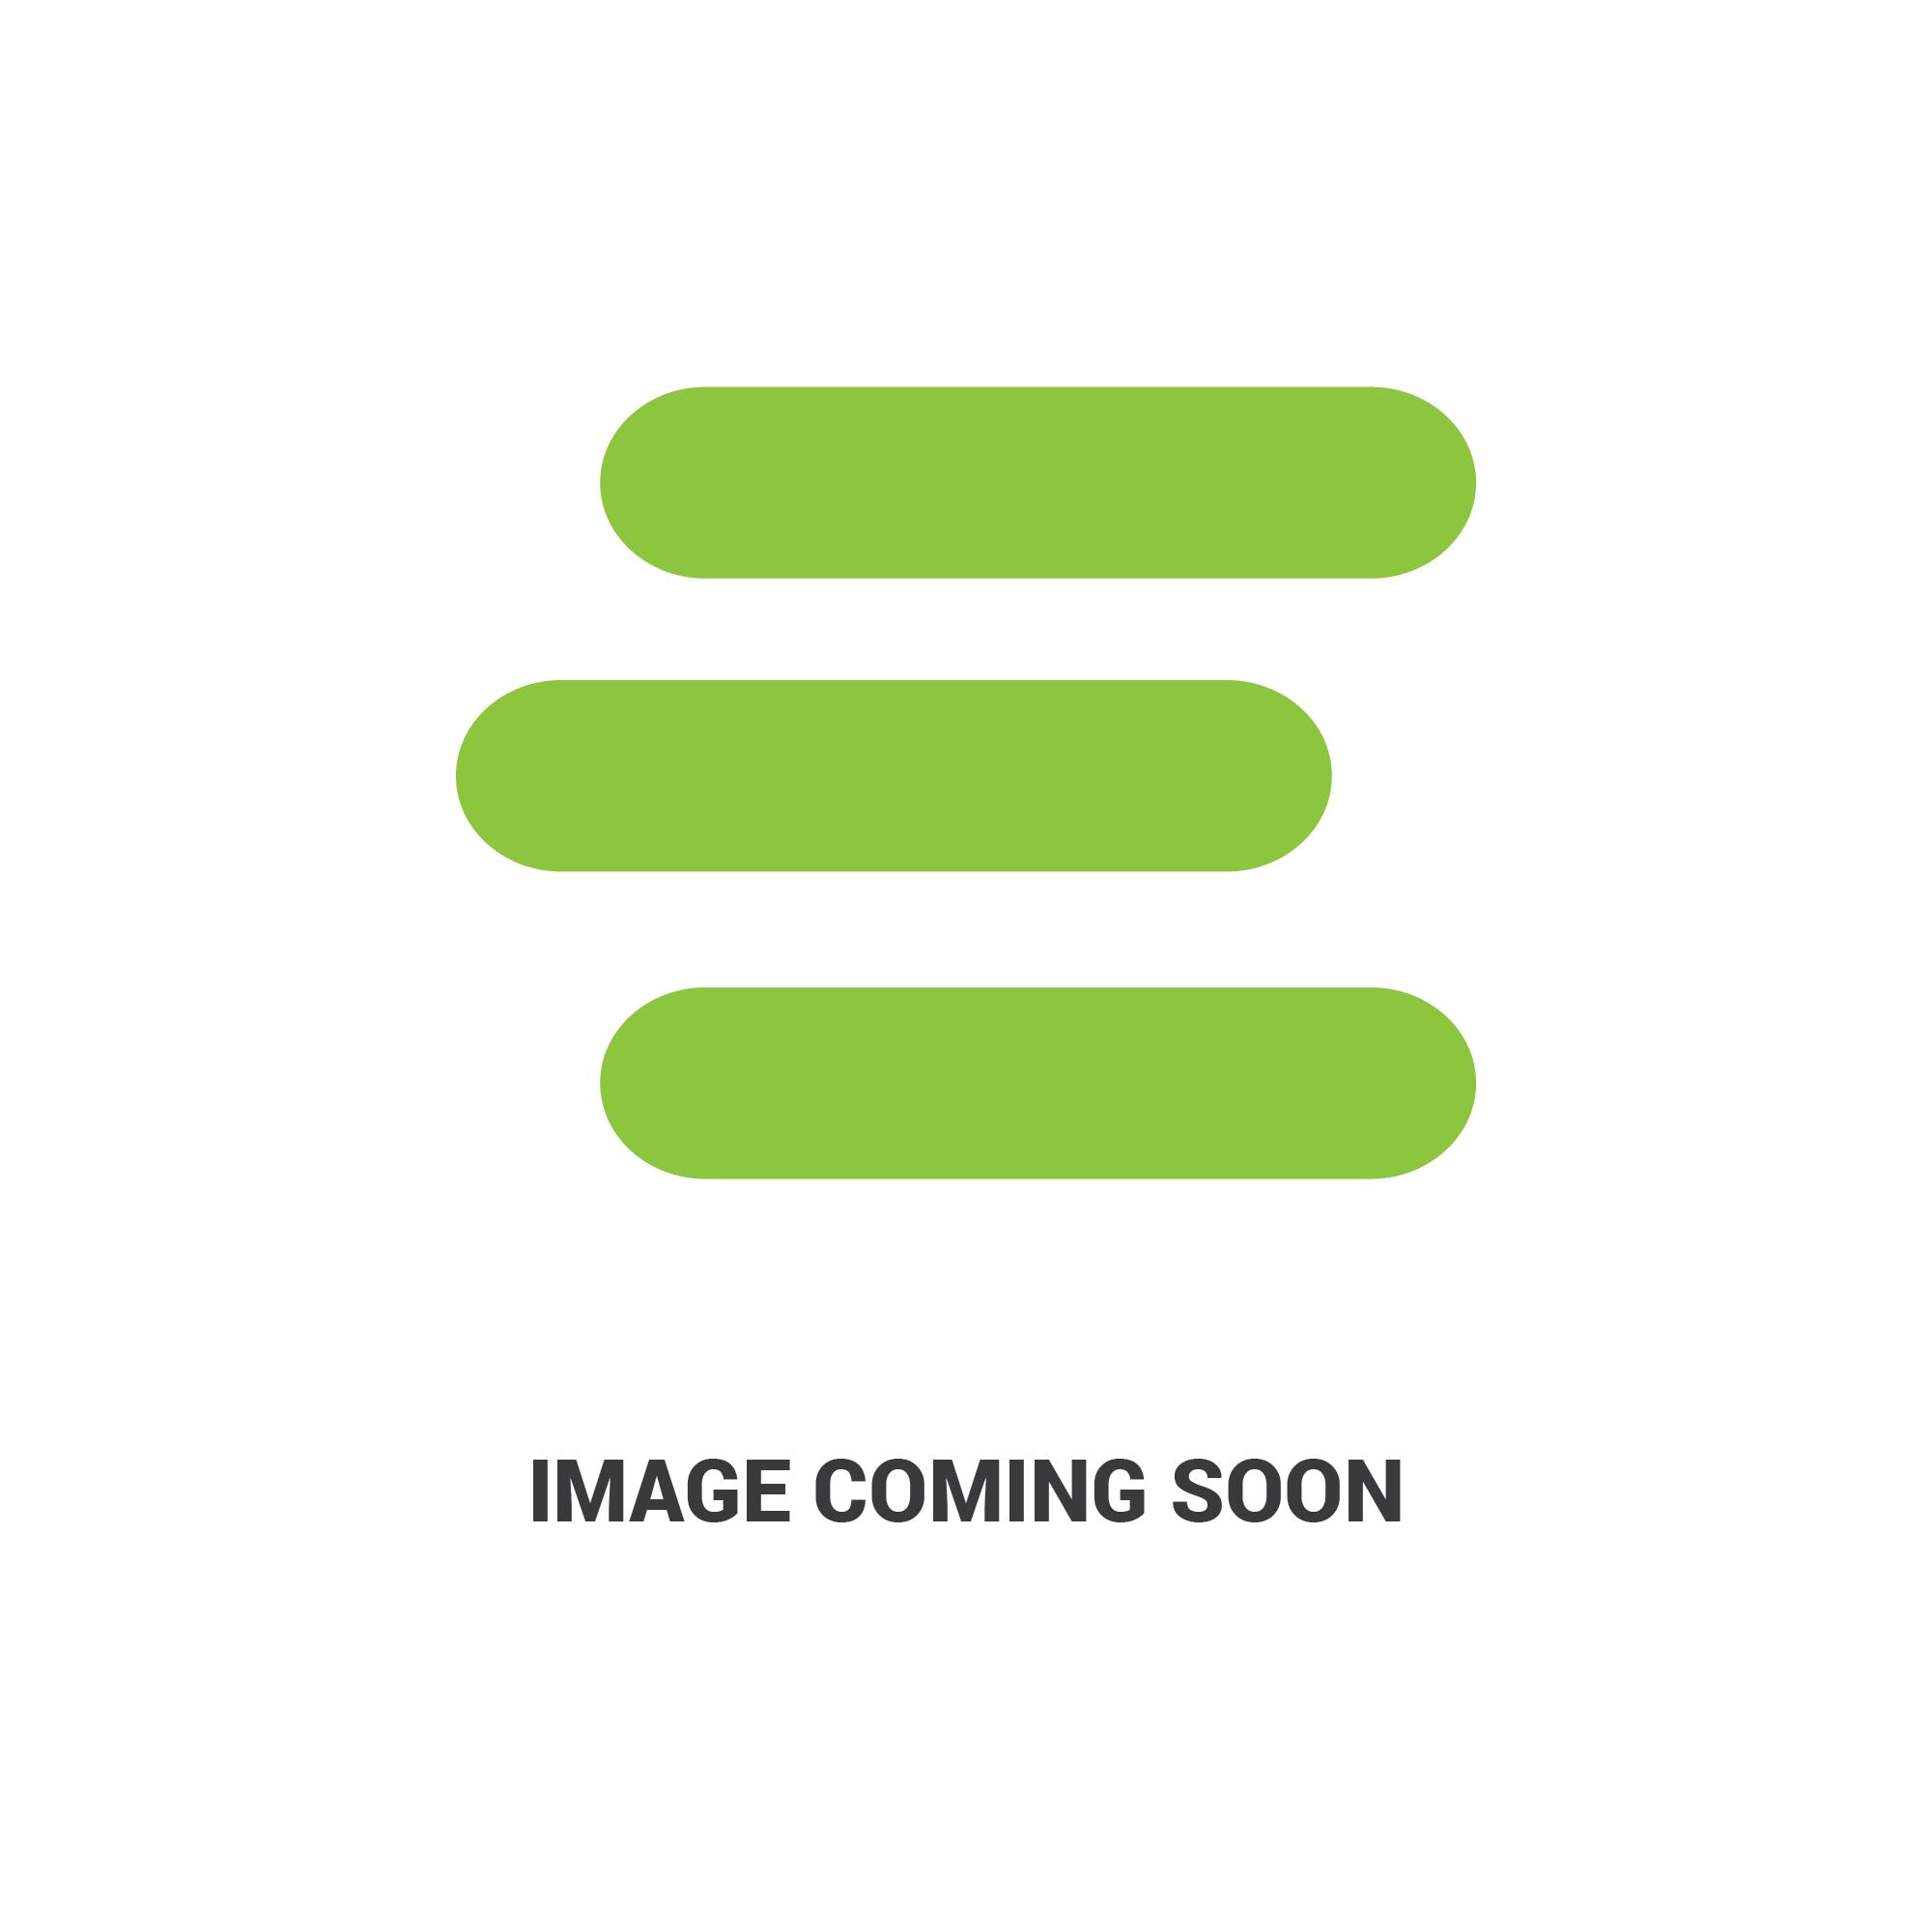 E-AL65354ag1001681.1.jpg